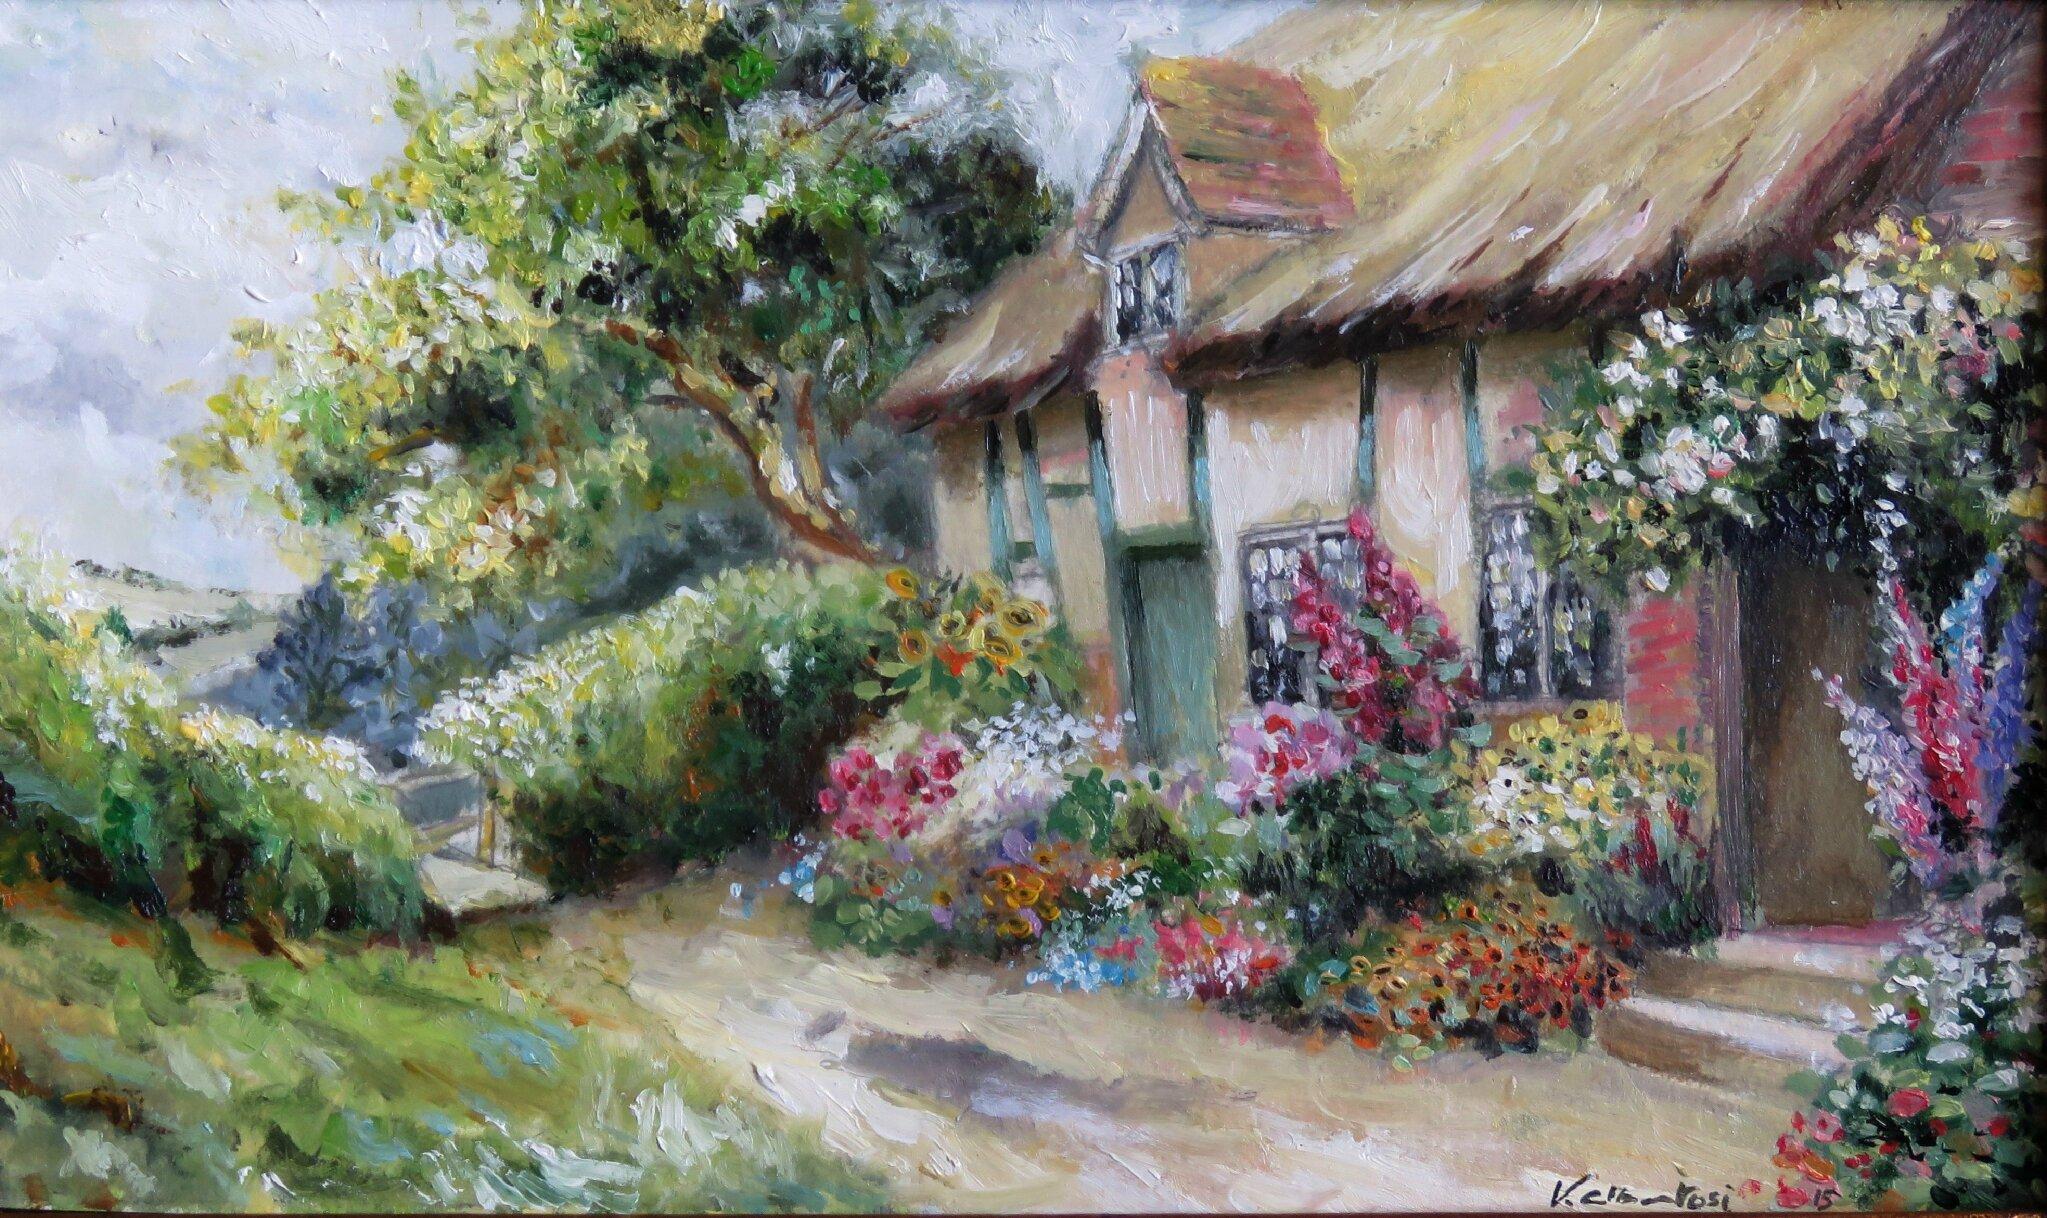 oil color painting valerie albertosi peinture à l'huile ferme anglaise 19ème siecle